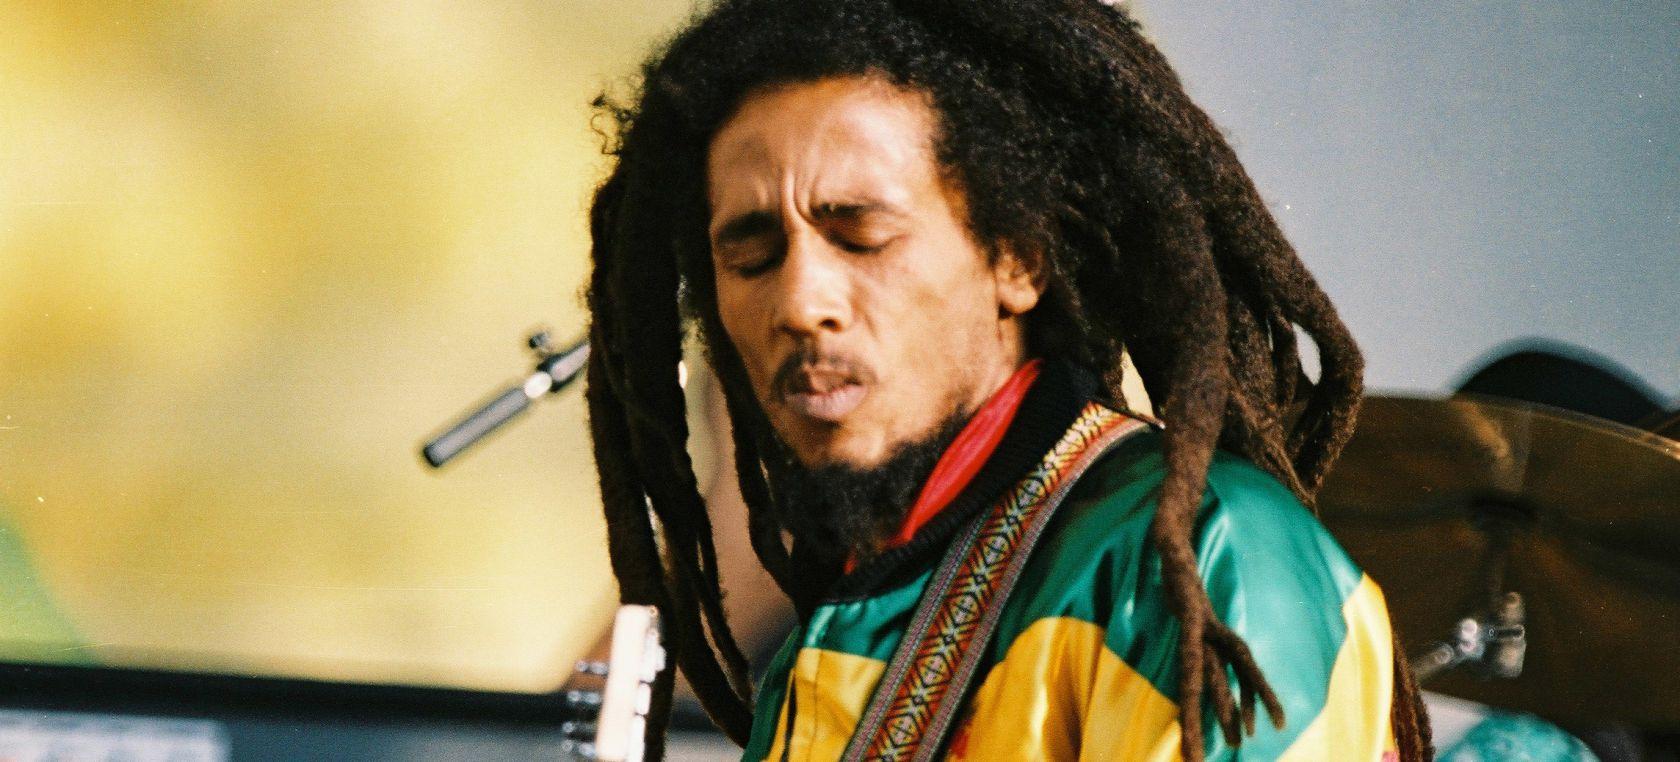 La profunda influencia de Bob Marley en el surf y el skate actuales